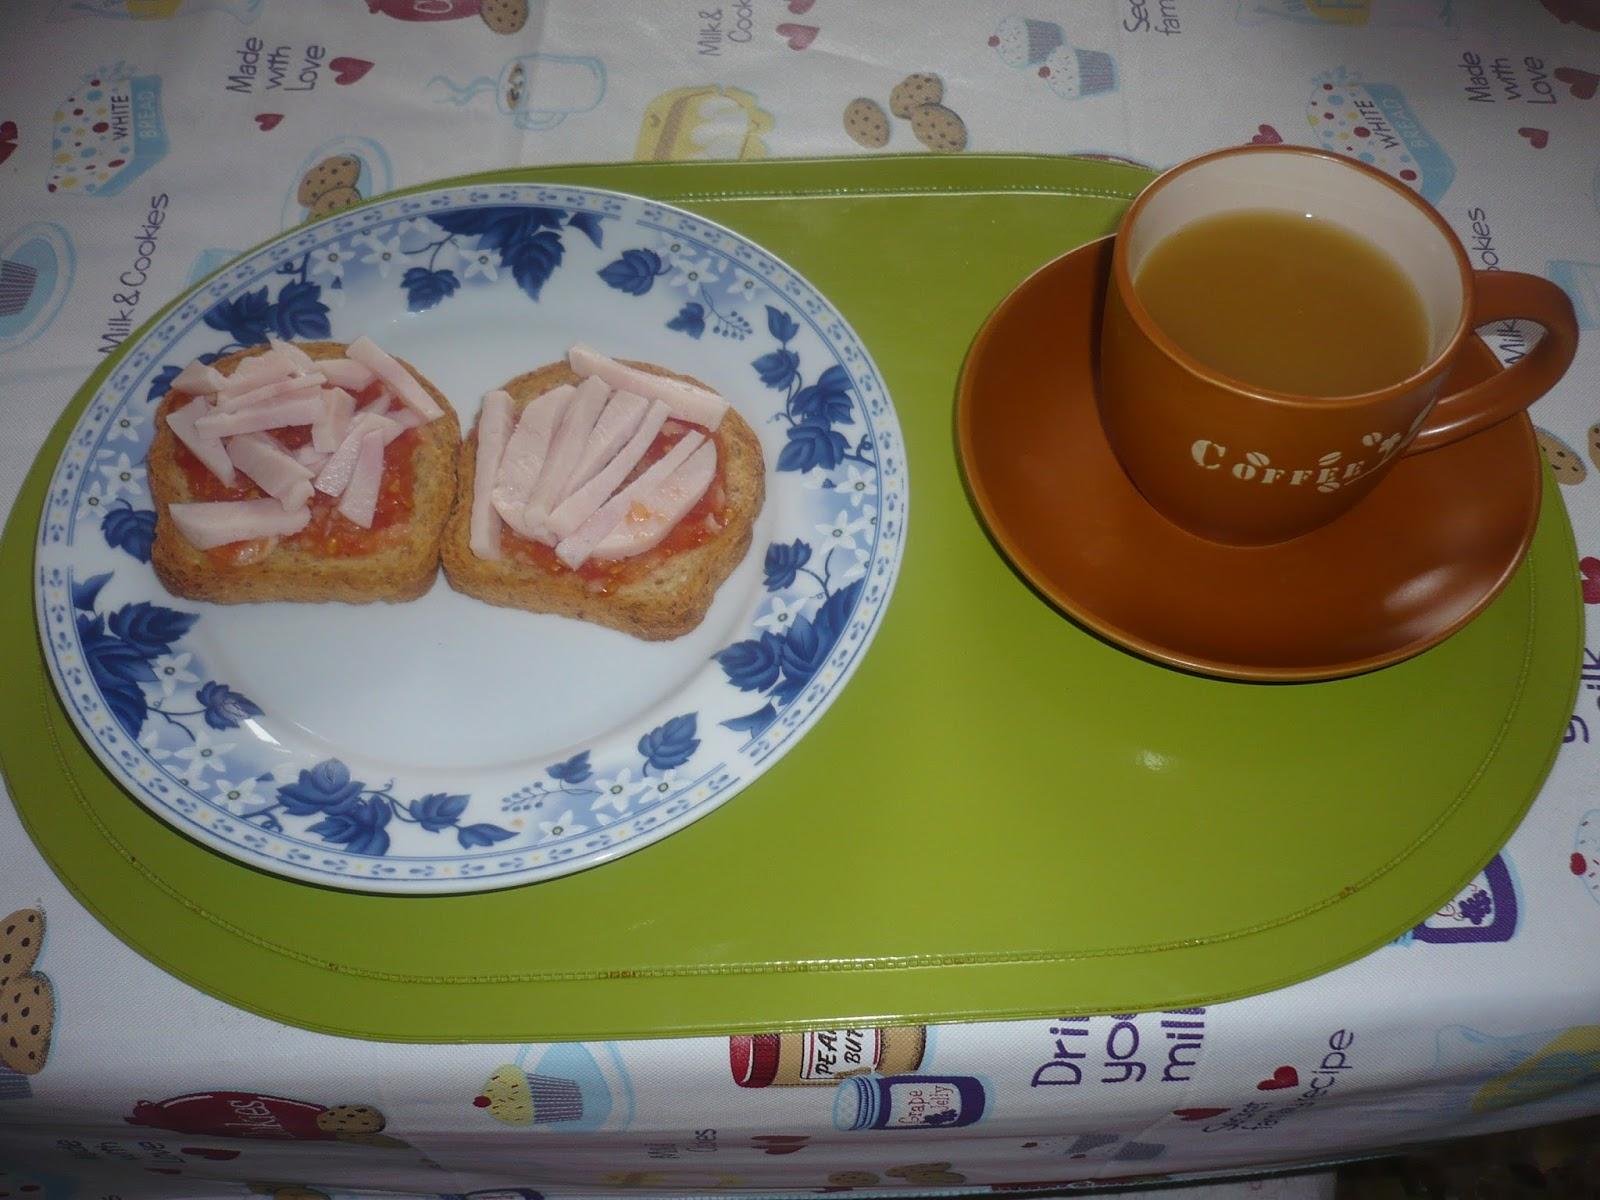 En la cocina con ana dieta pp ejemplos de desayunos - Ana en la cocina ...